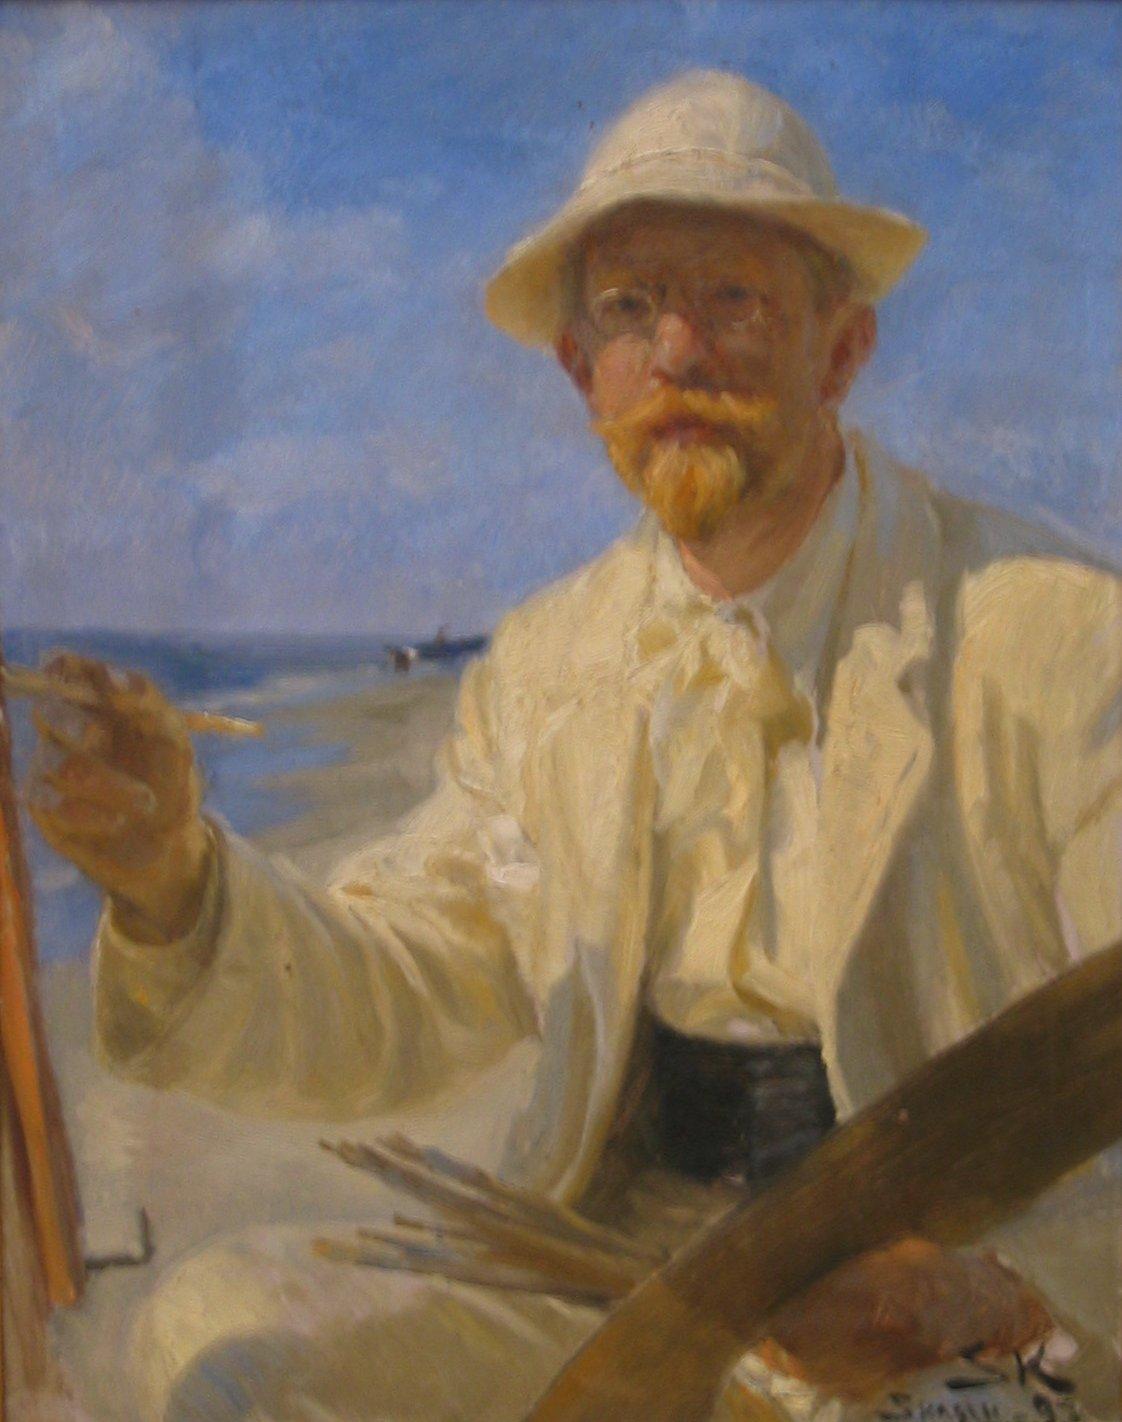 autoportrait de Peder Severin Krøyer - wikimedia